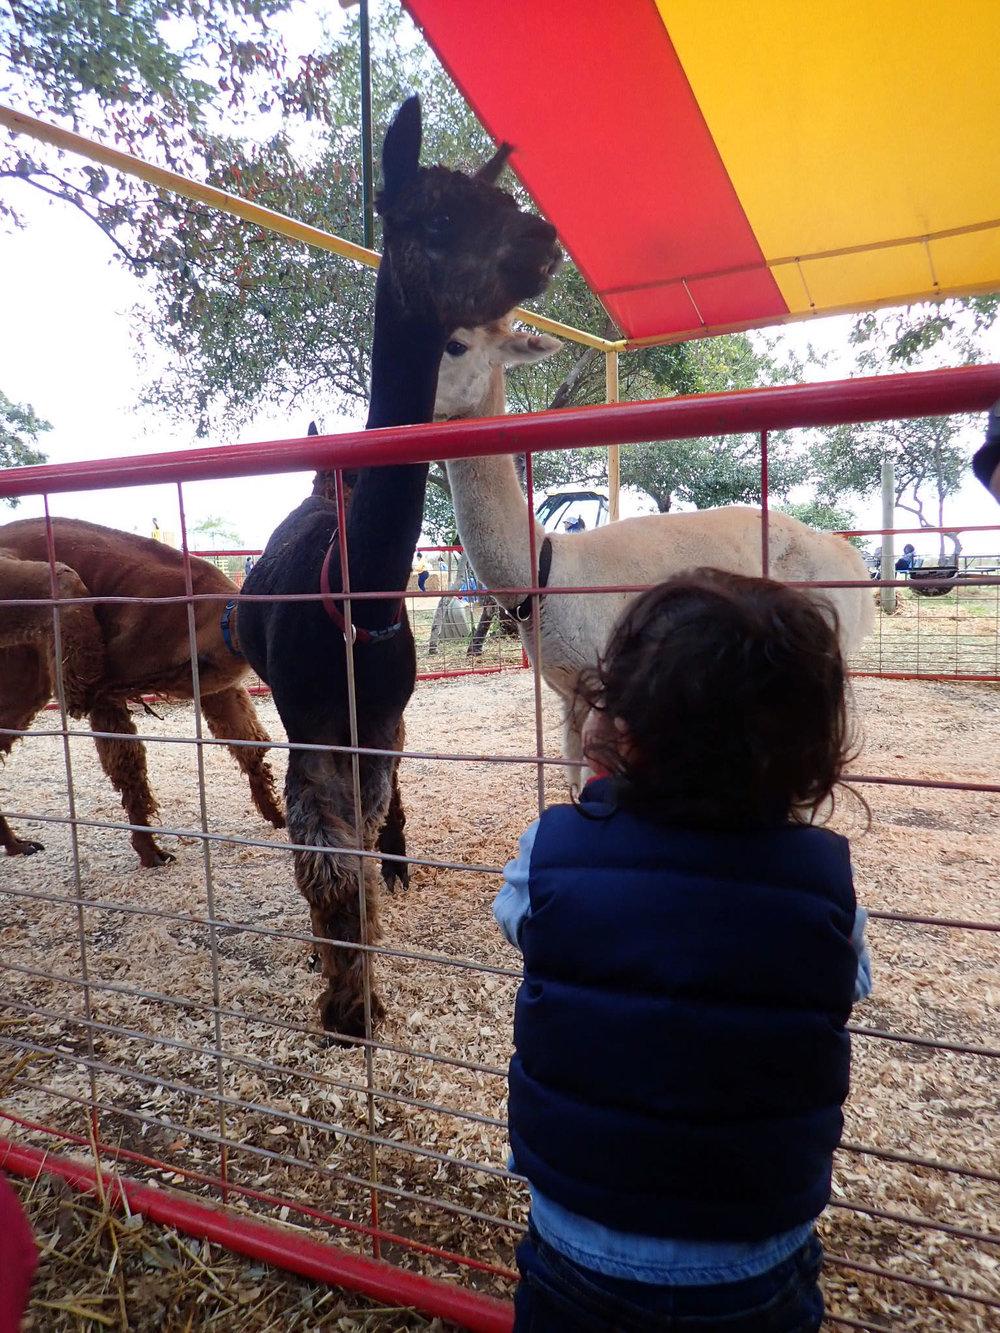 Llama-Llama-farm-fun.jpg